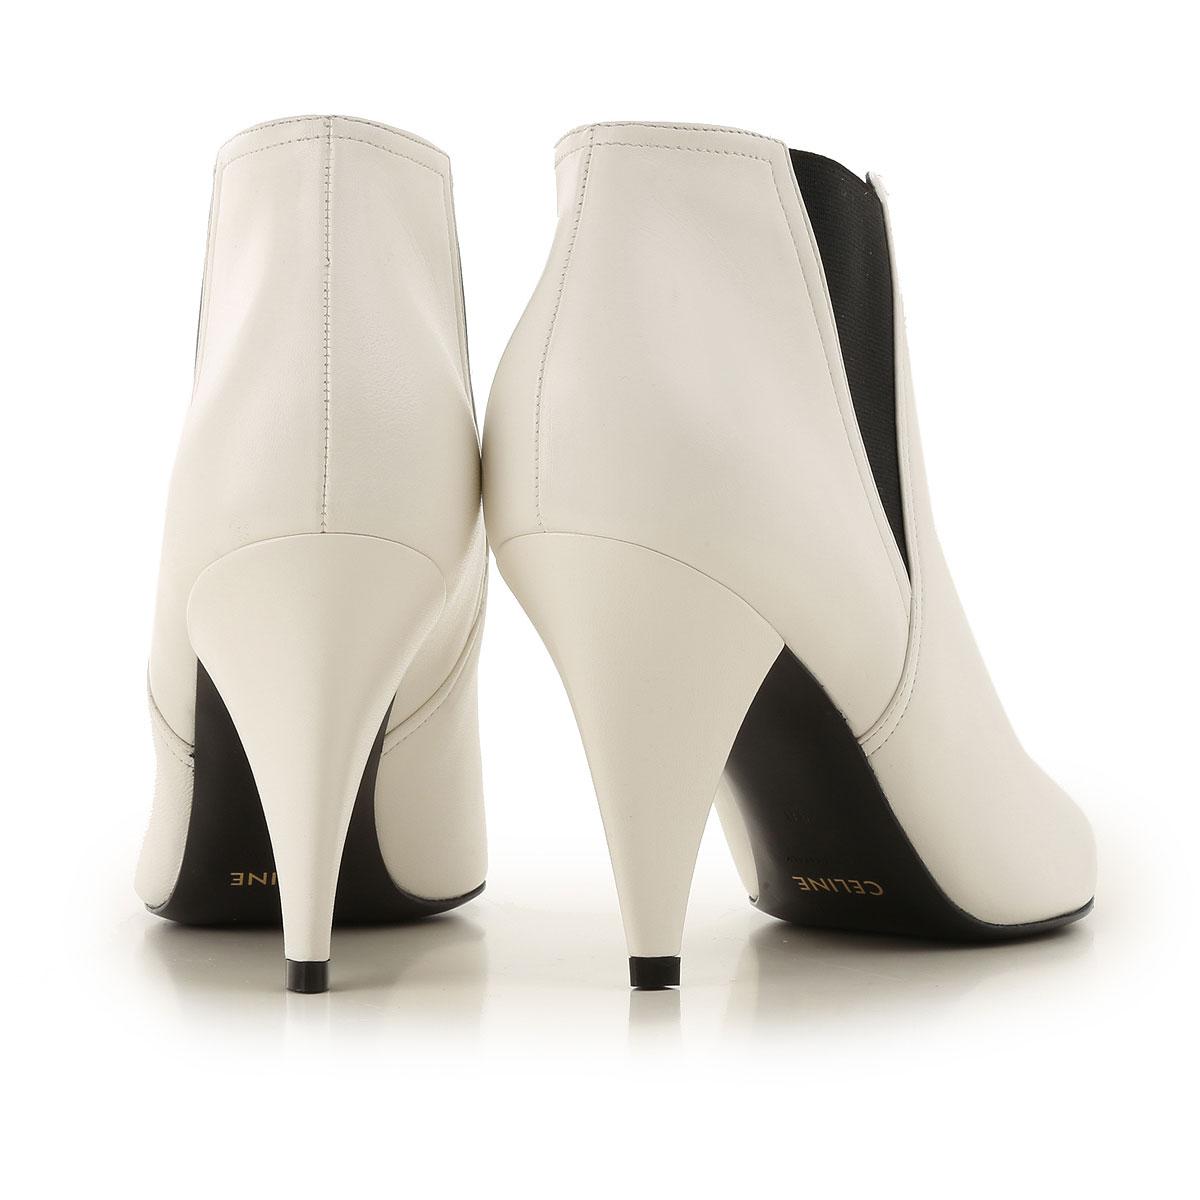 Zapatos Para 2019 Blanco Celine Primavera Mujer Negro verano gUqBRR1cw